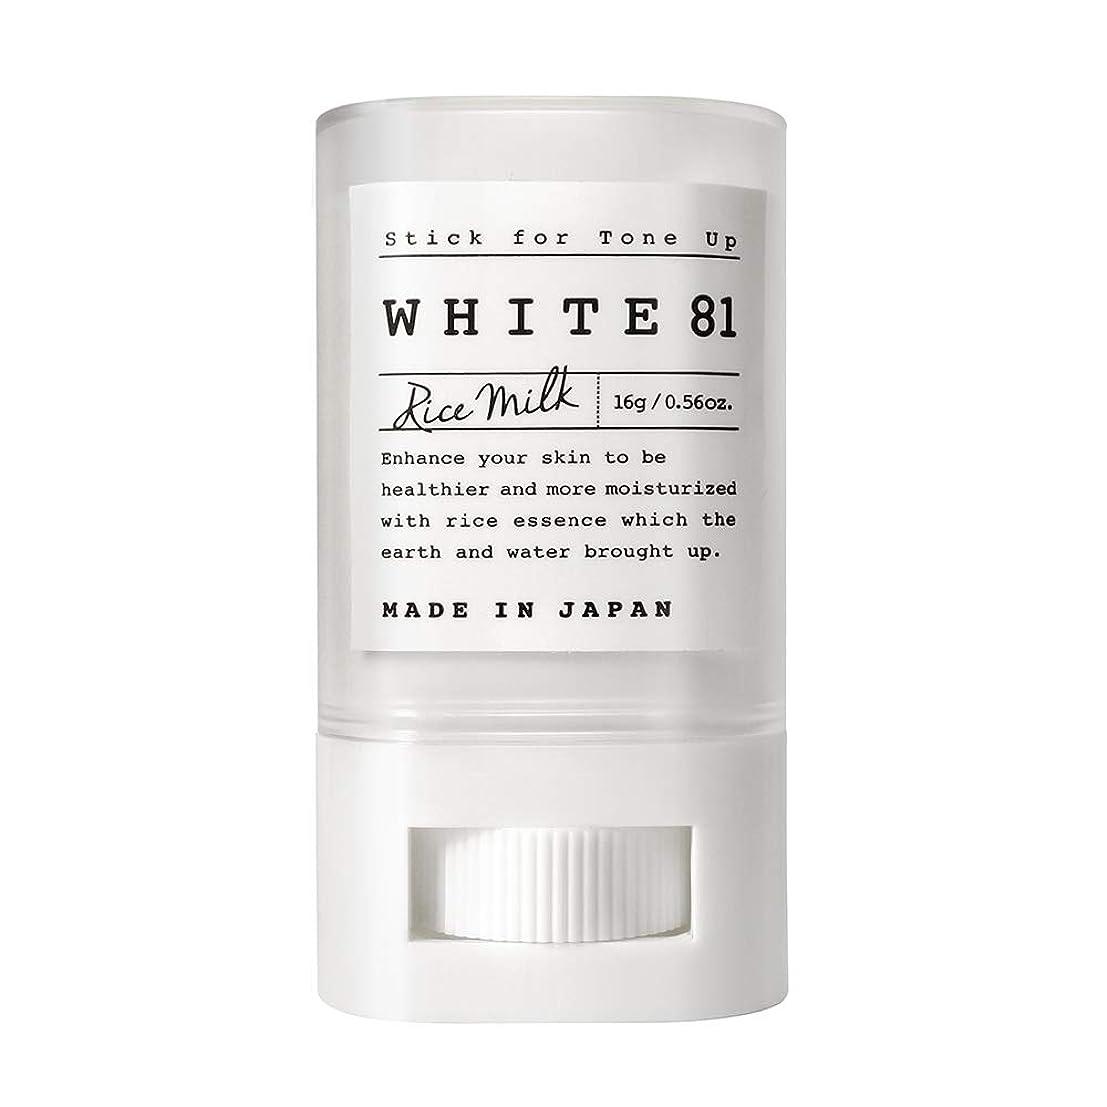 受け入れ不誠実平均WHITE81 ホワイト81 トーンアップスティック(化粧下地?日焼け止め / SPF35?PA+++?ウォータープルーフ?複合保湿成分配合?肌に優しい6種のフリー / 日本製)